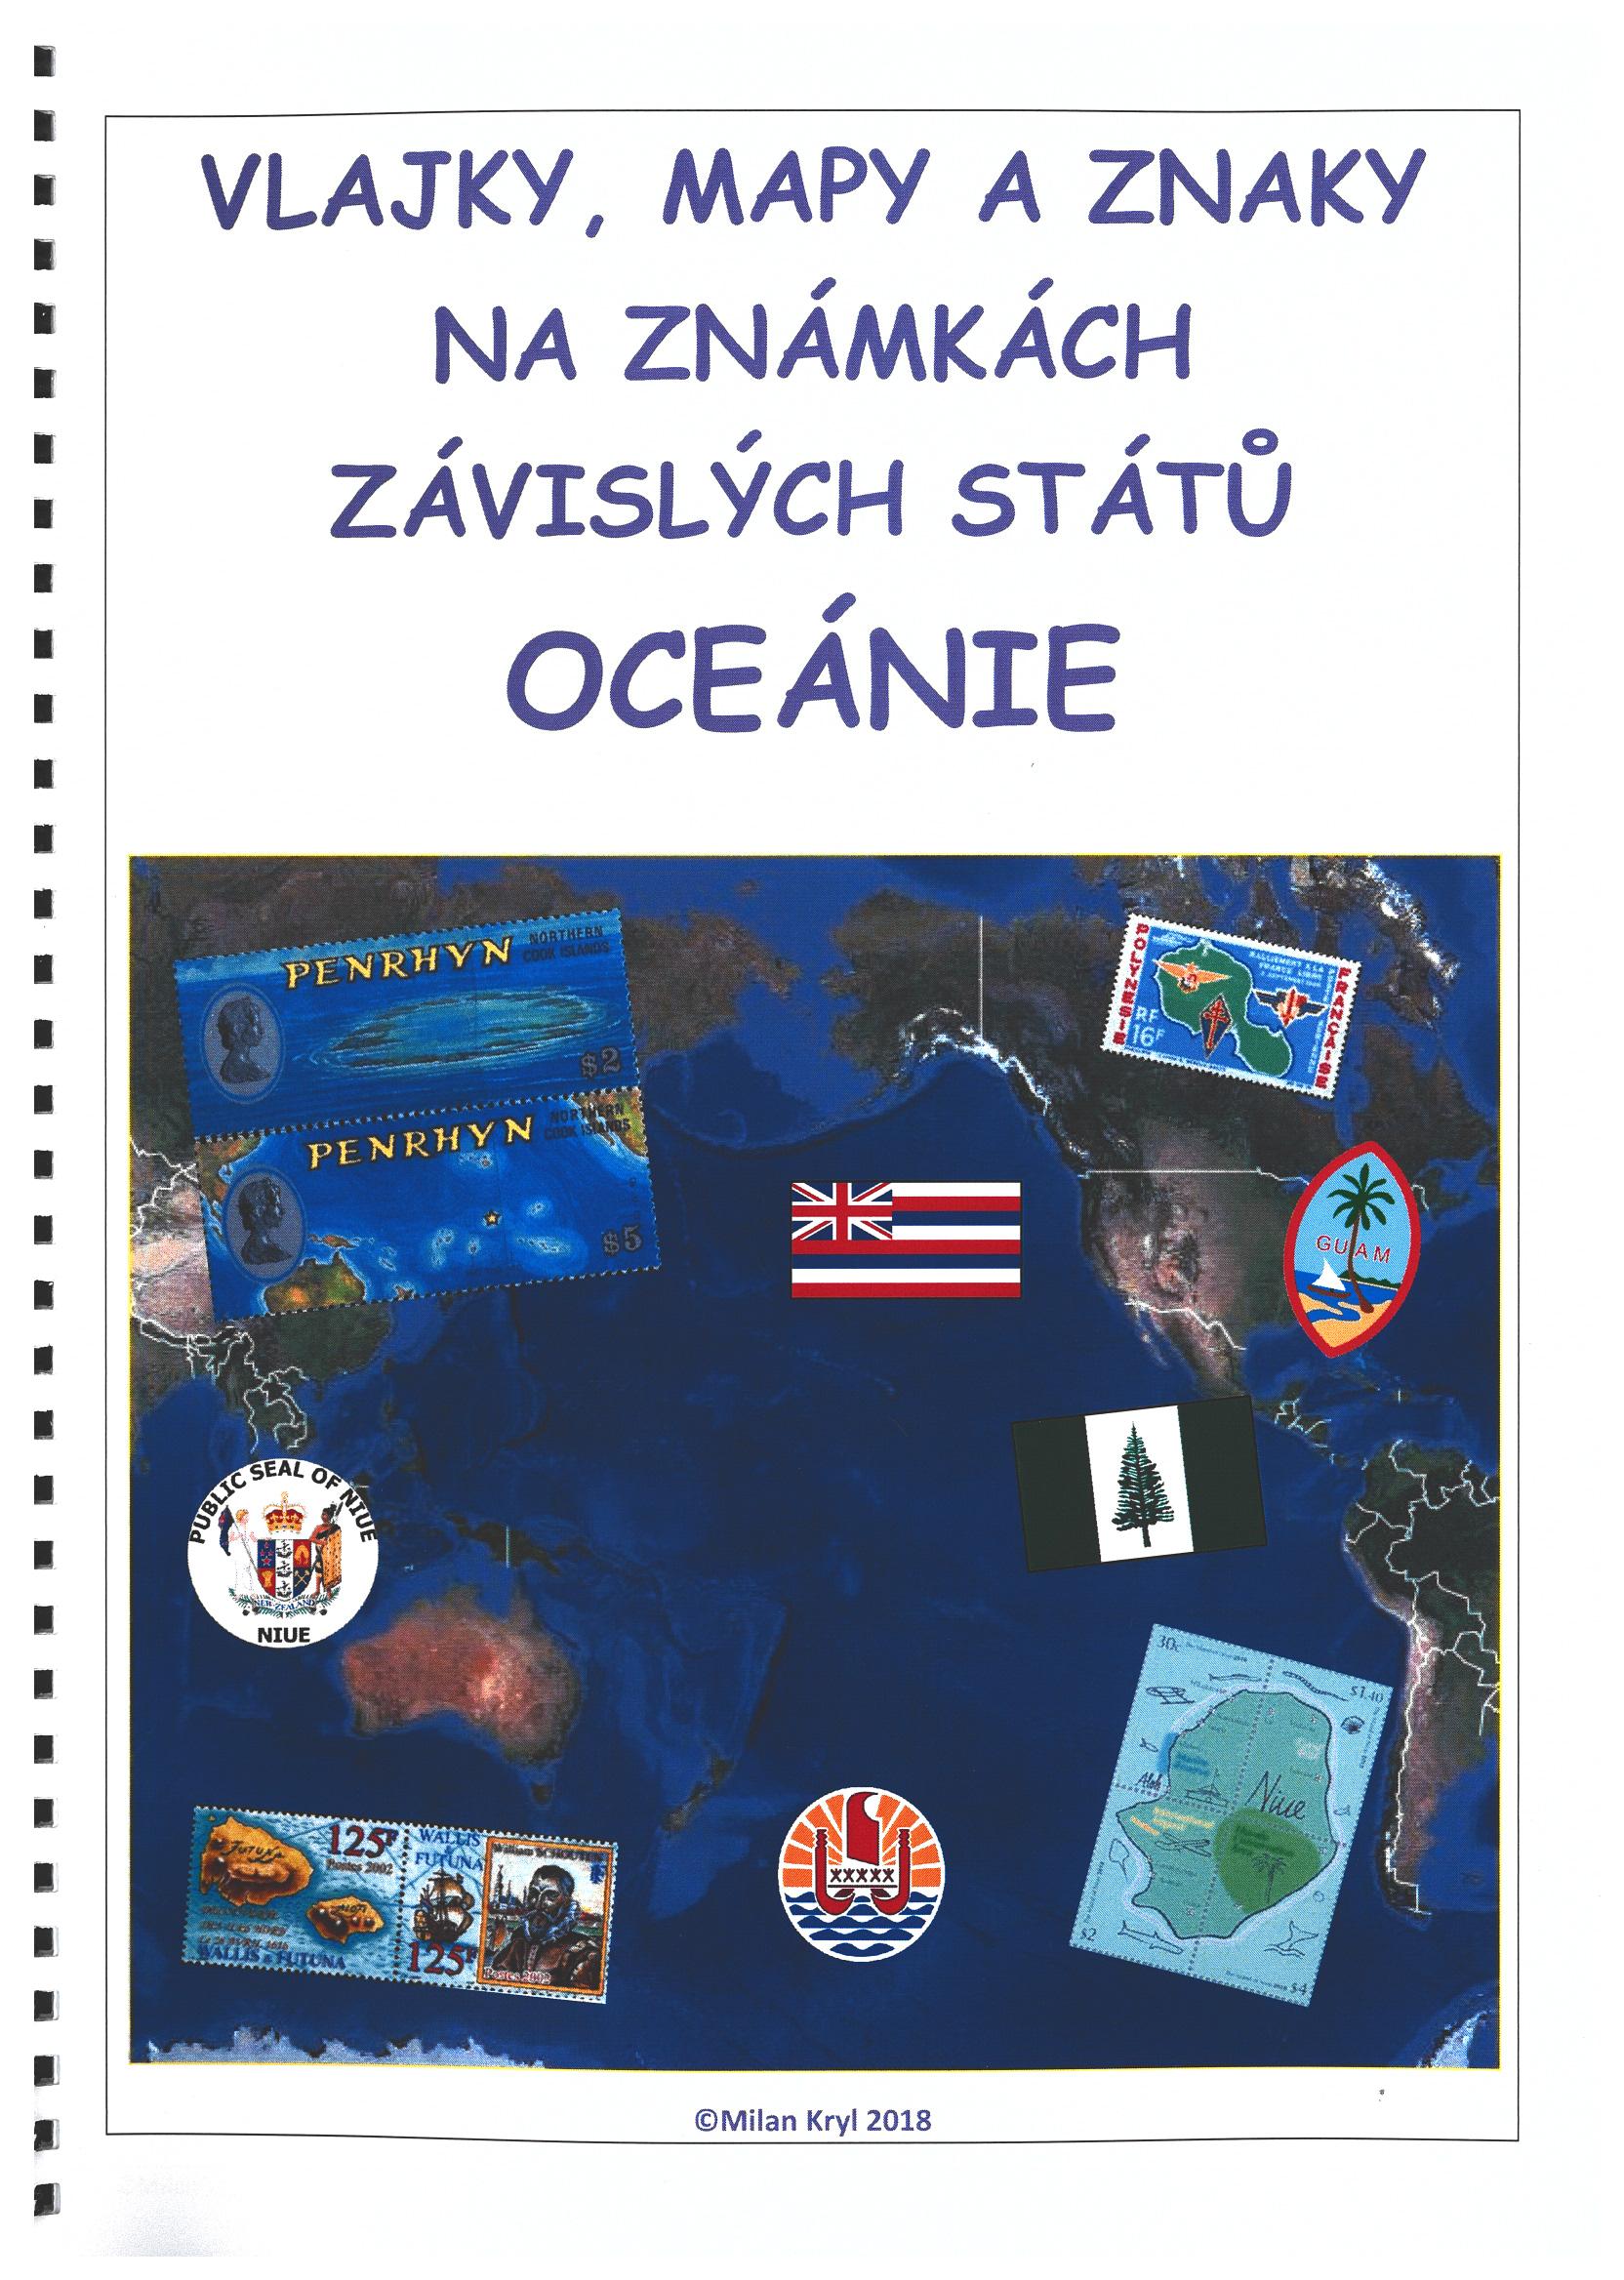 Oceánie - vlajky, mapy a znaky na zn. závislých států Evropy